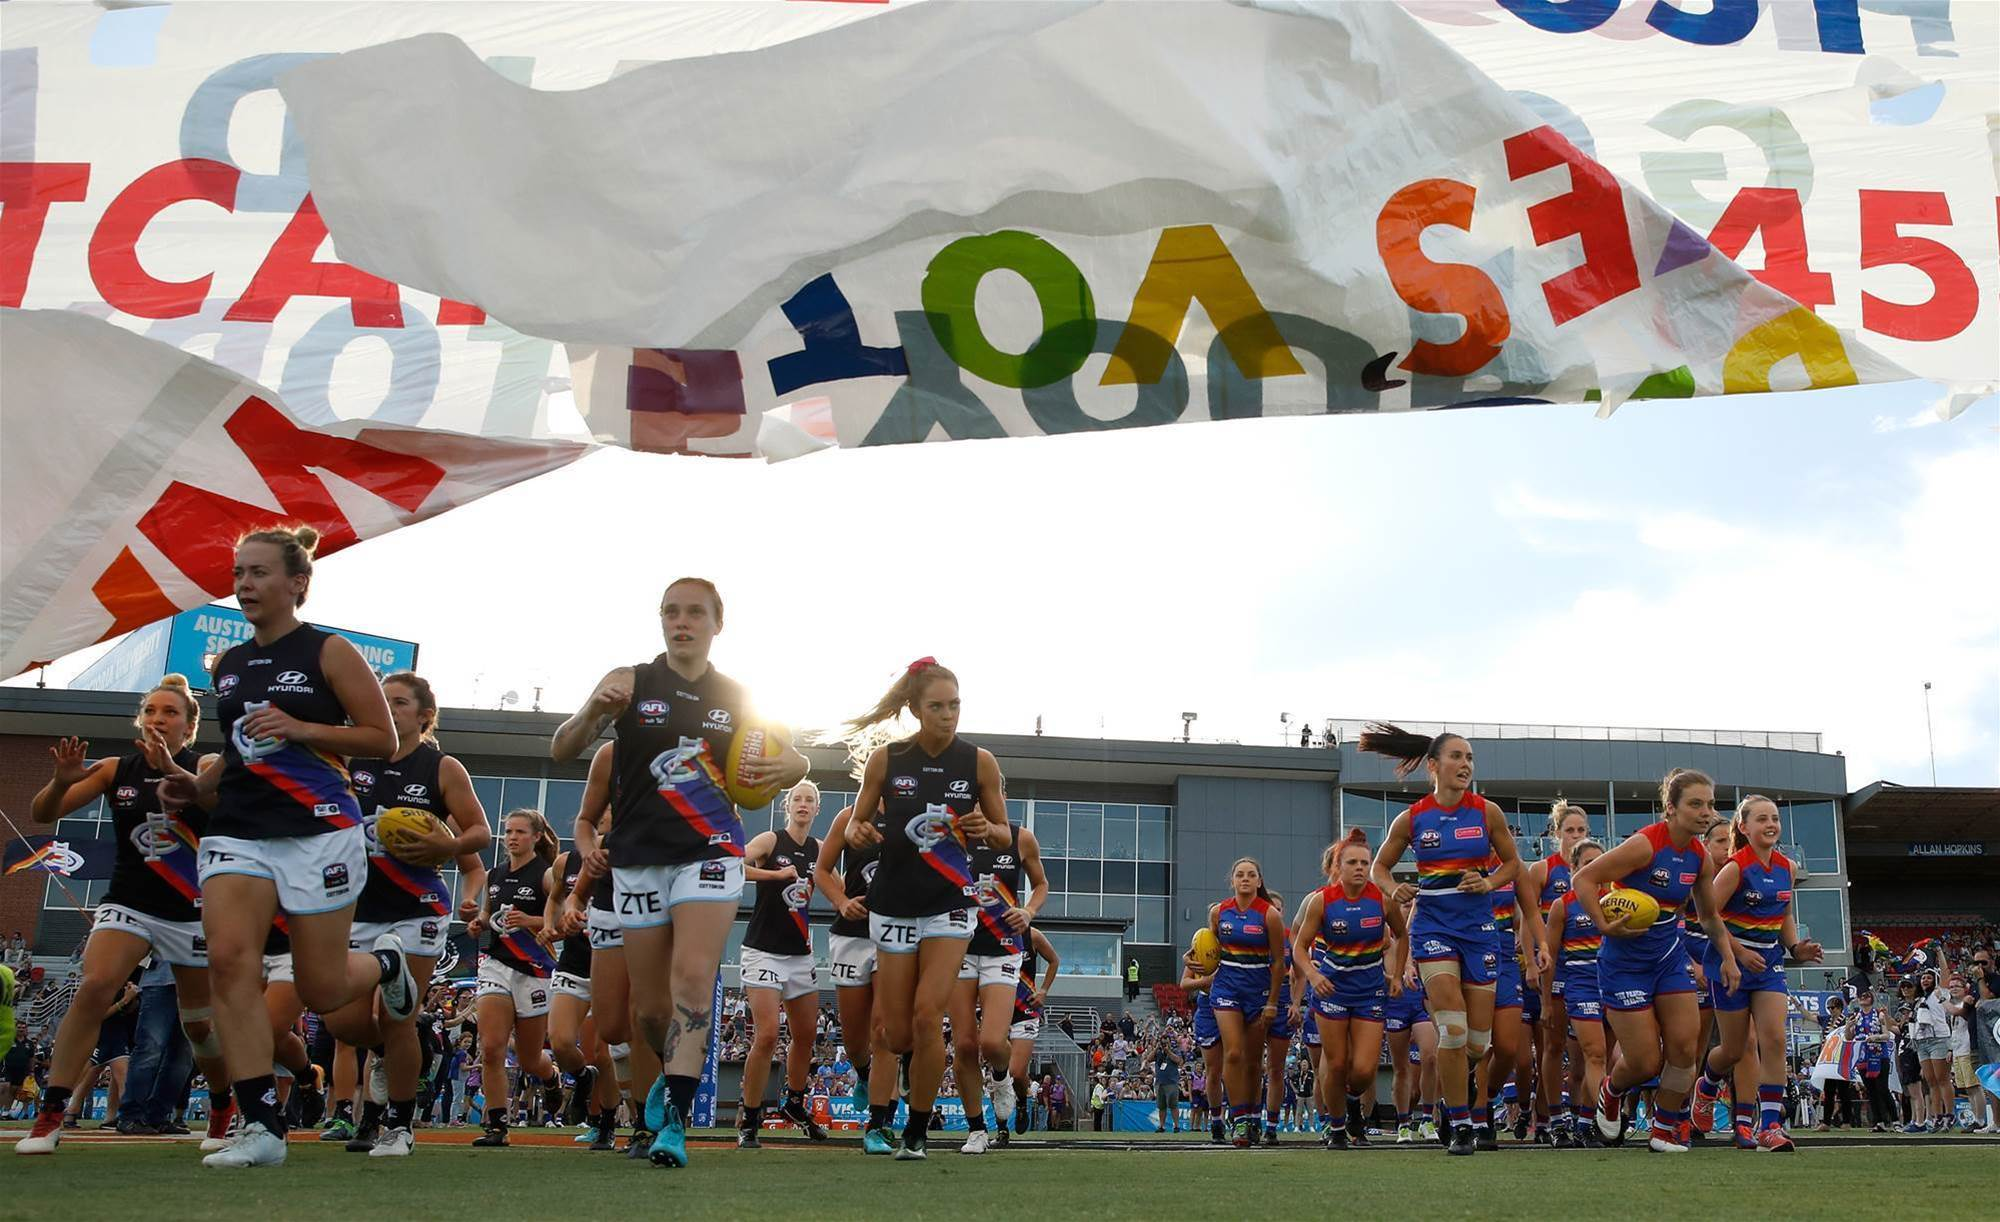 AFLW Pride match: Western Bulldogs v Carlton